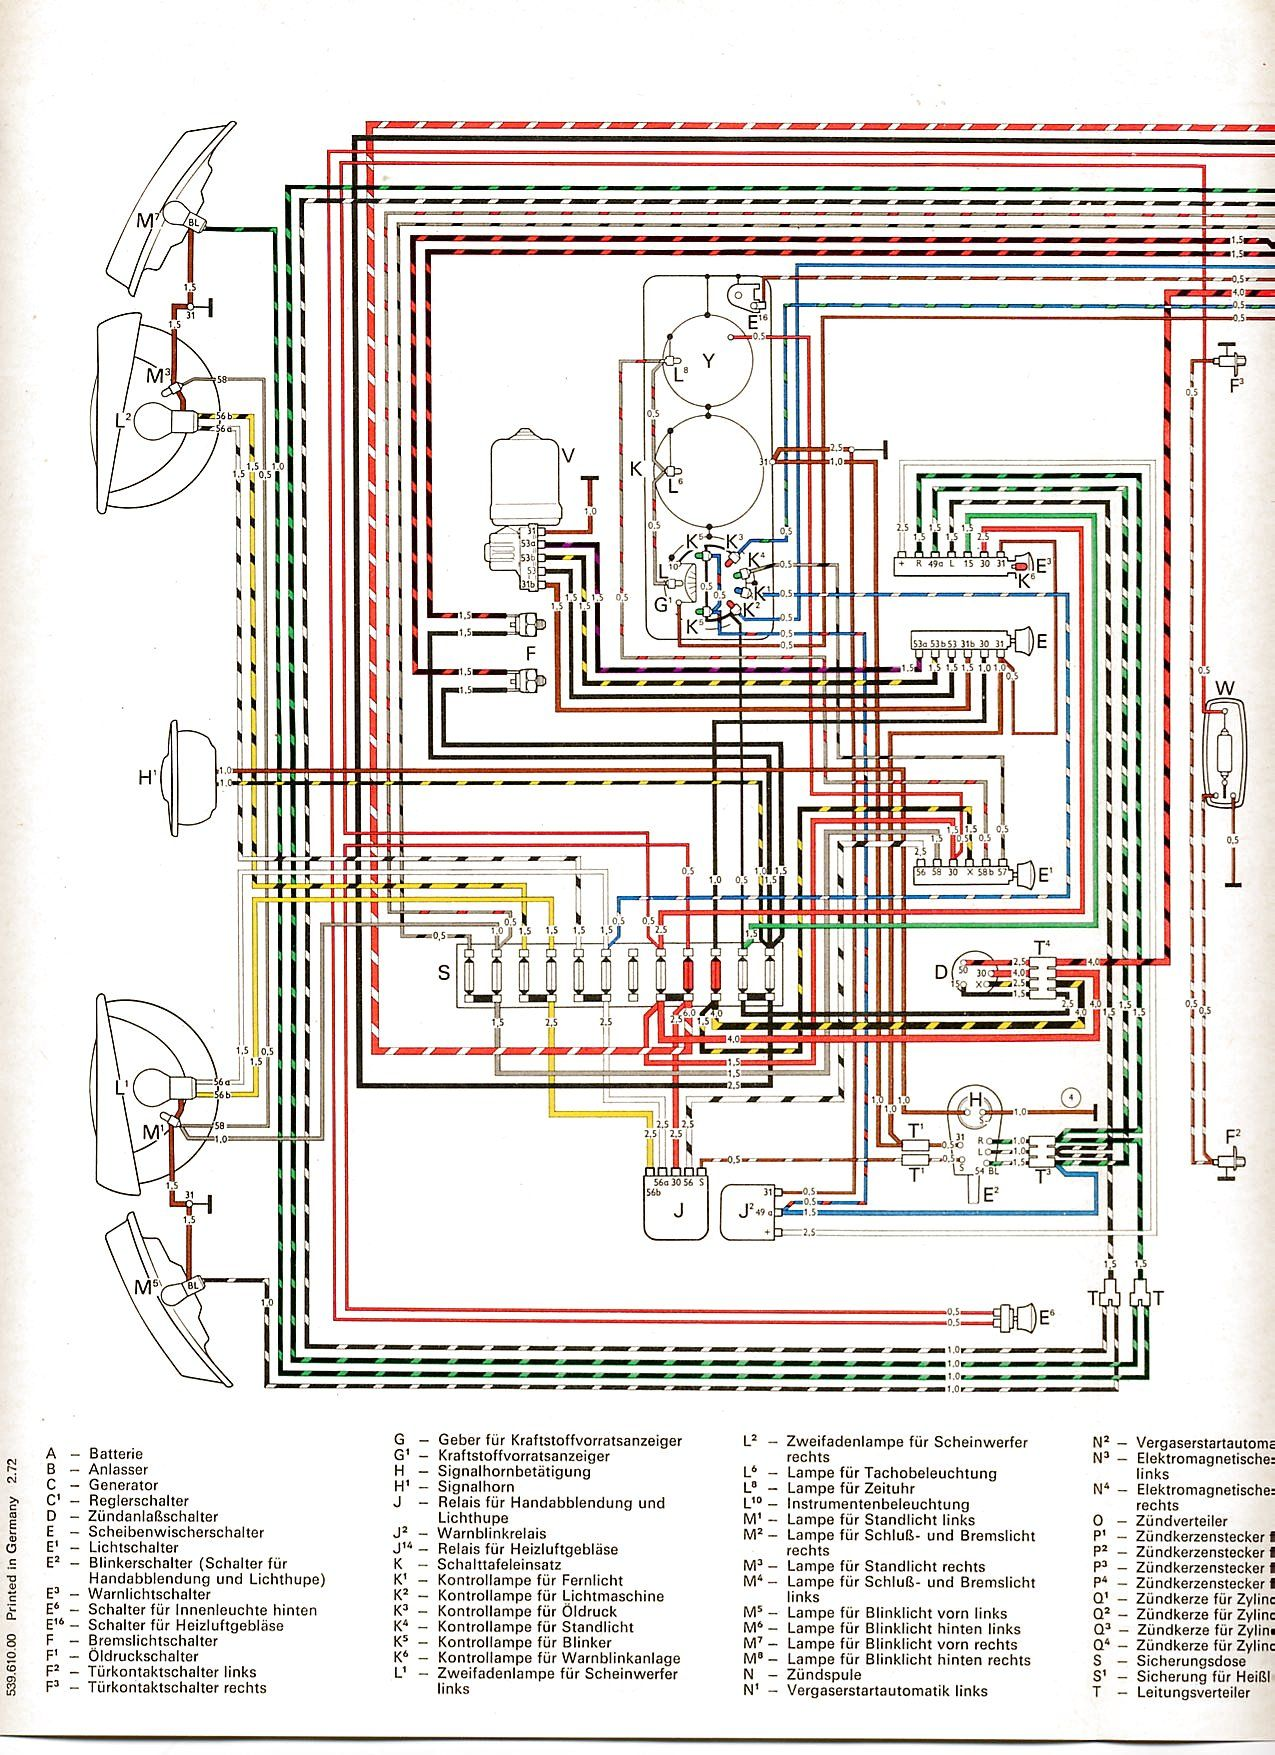 schéma électrique Baywindow Type 4 1700 | VW Tech & Tools ...